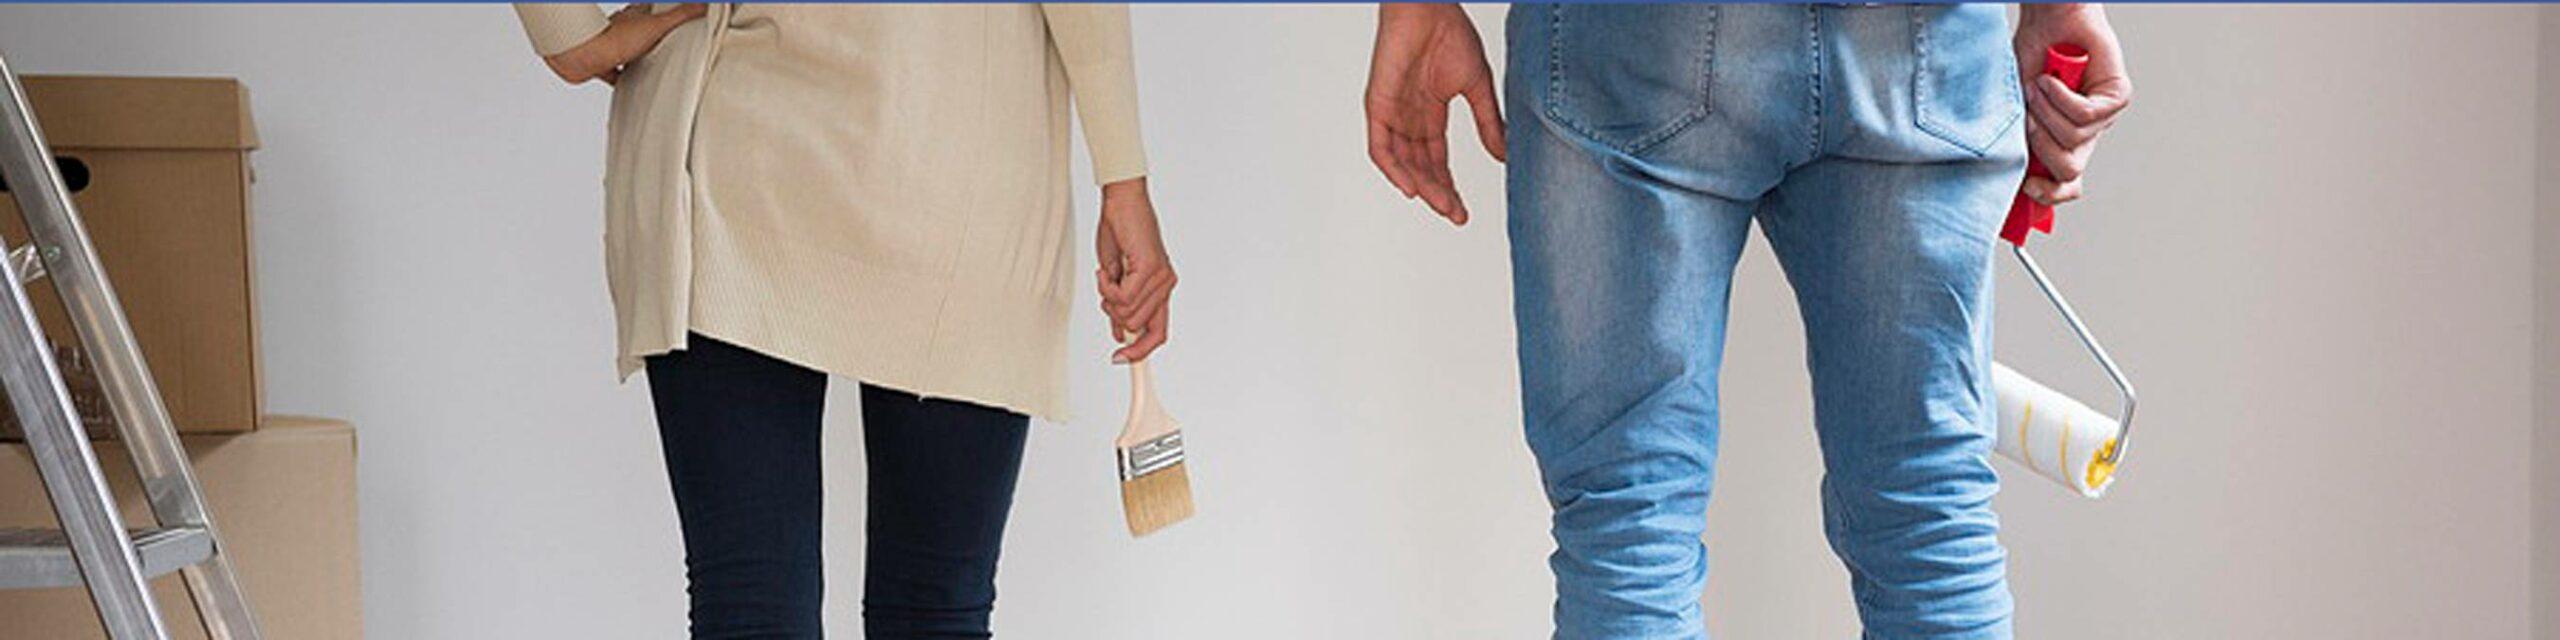 Privatumzug München Frau und Mann beim Streichen